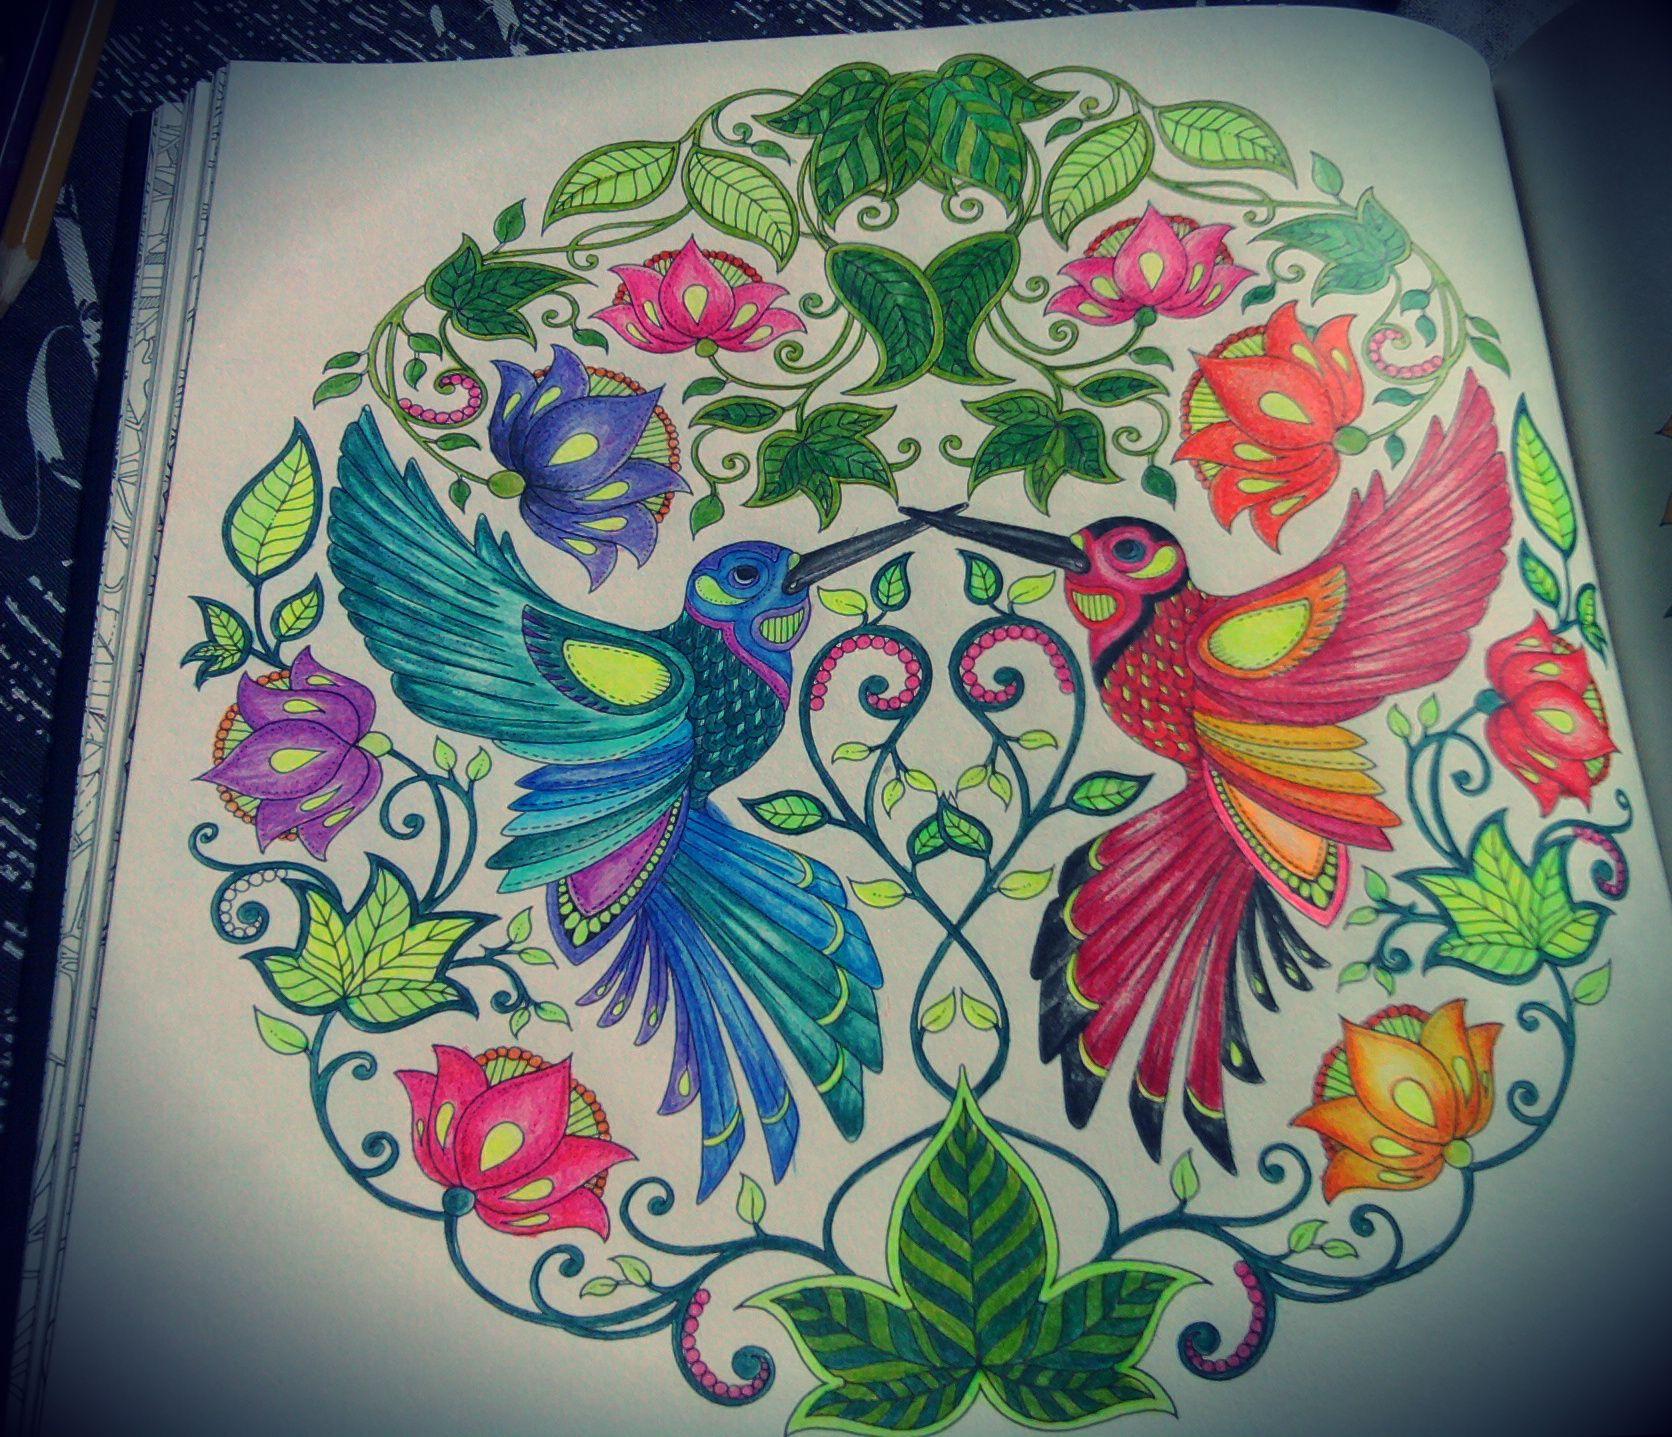 Zendoodle coloring enchanting gardens - 2 Desenho Pintado Do Livro